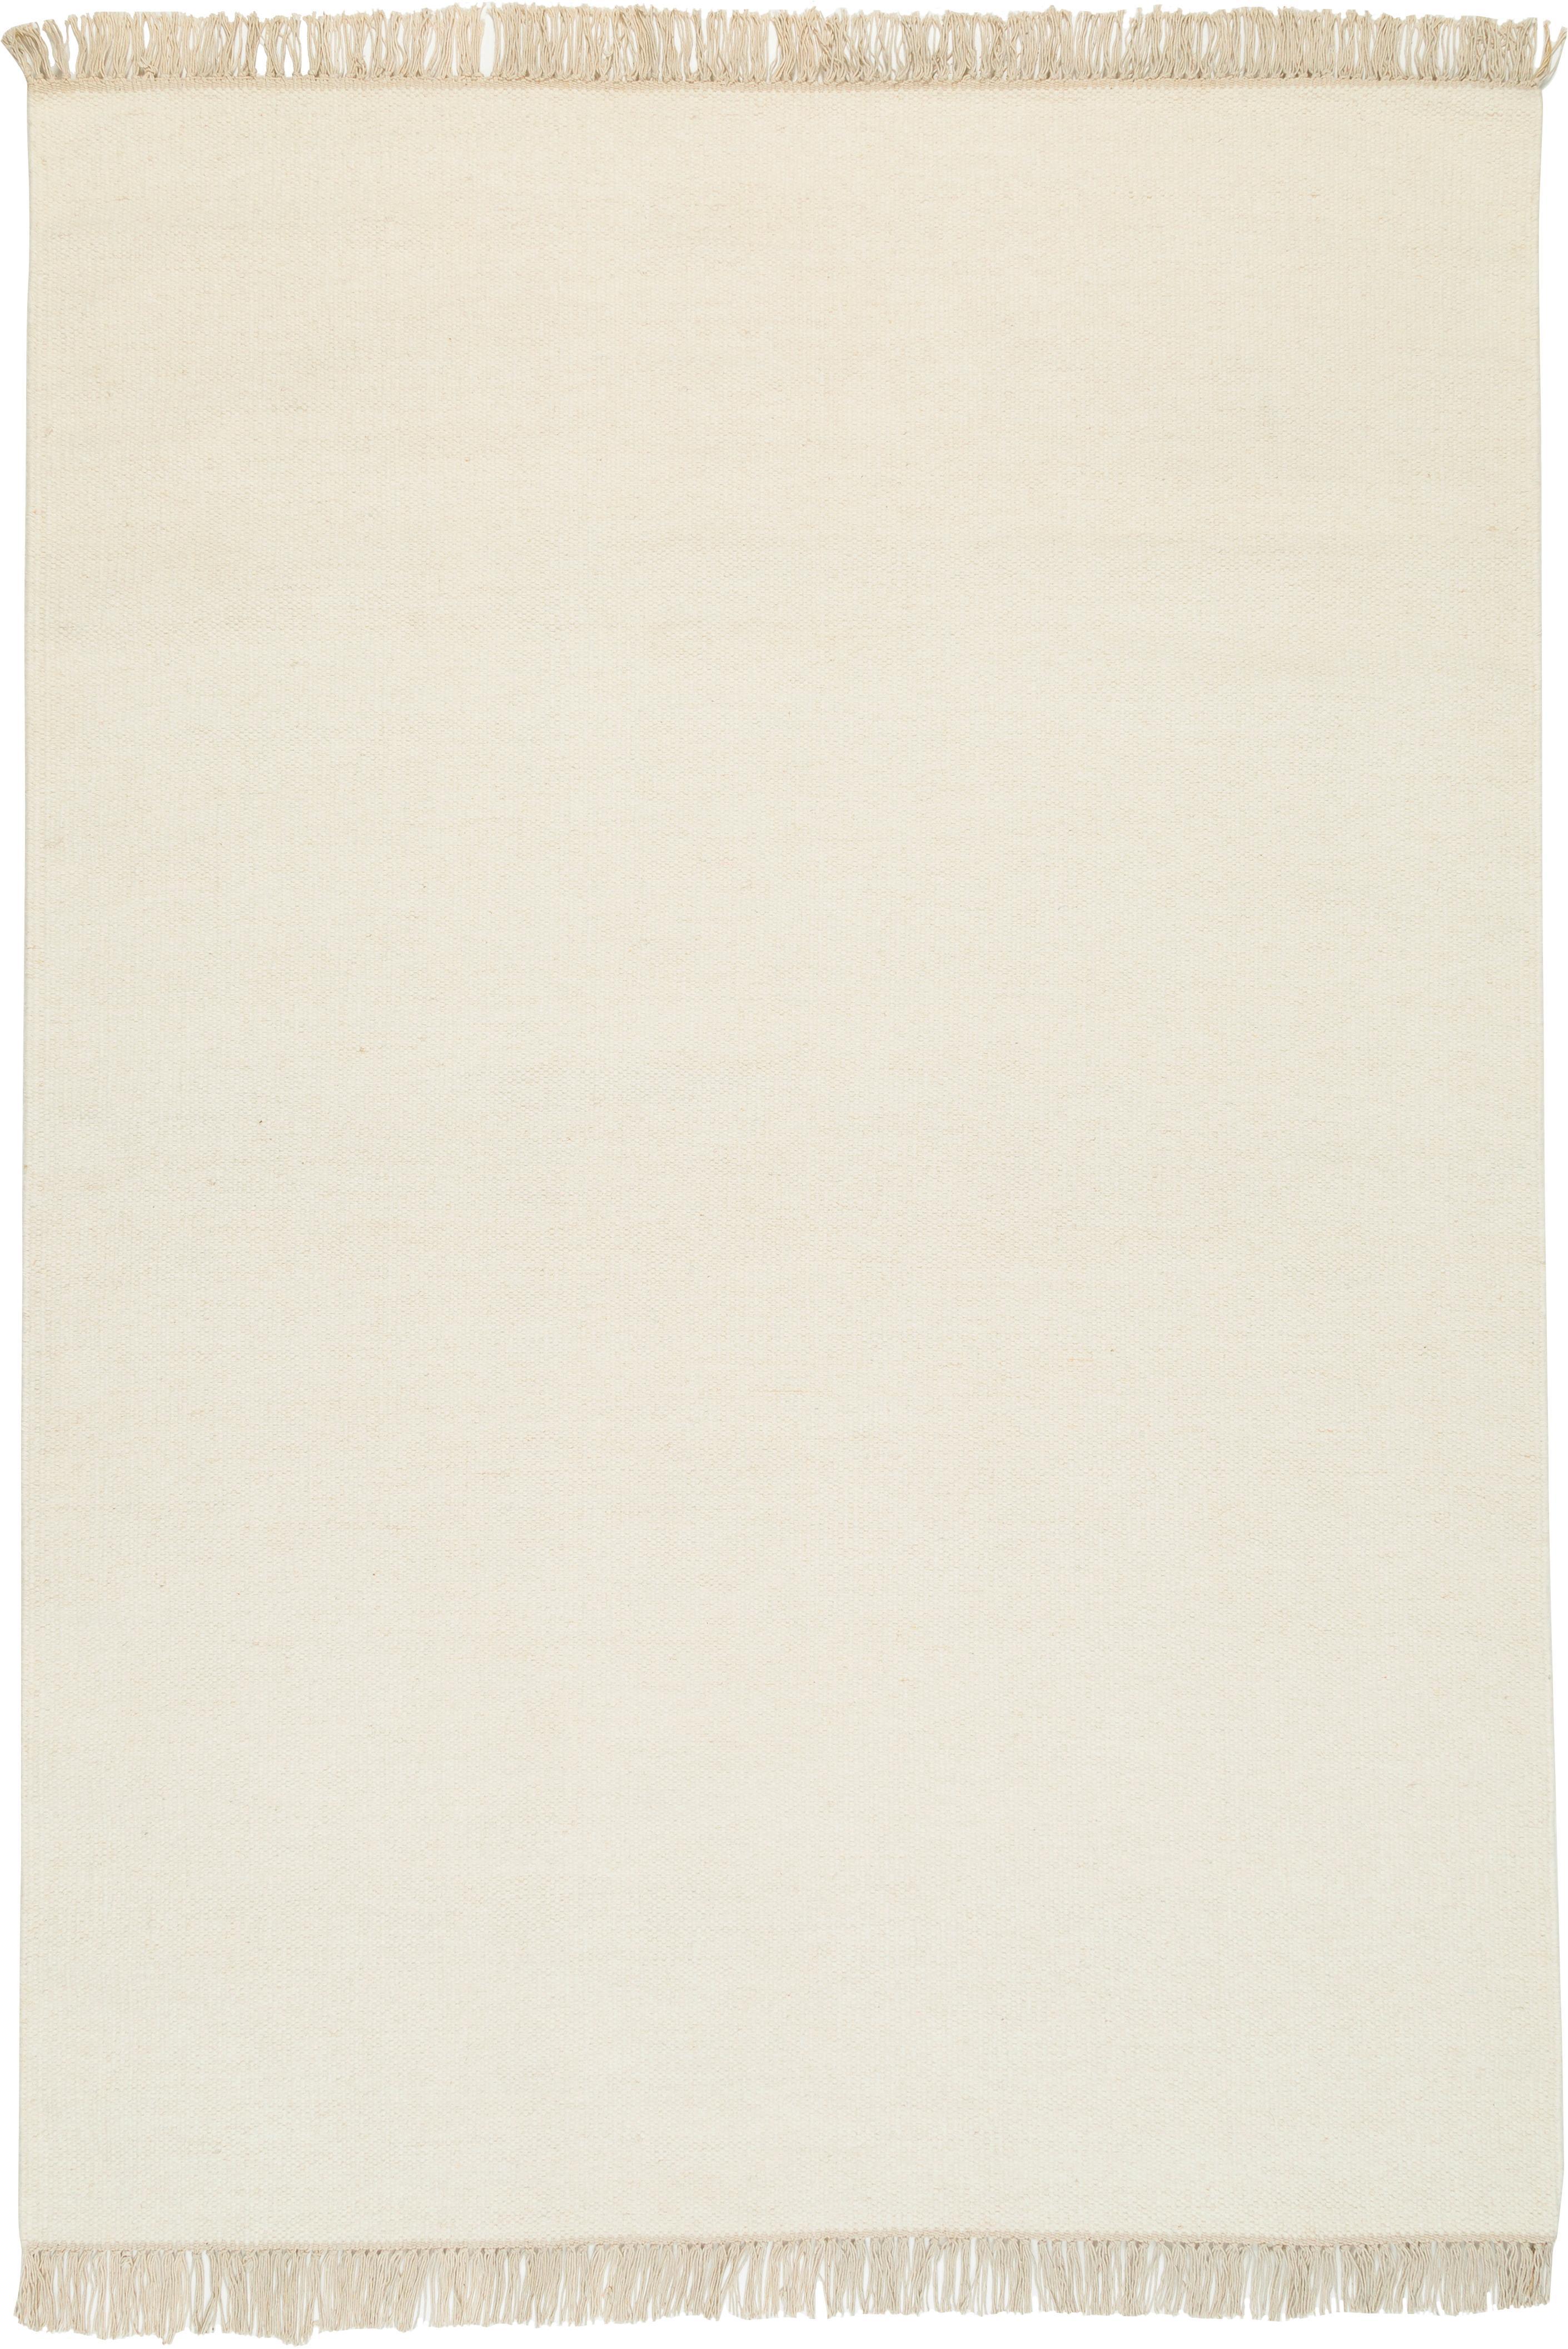 Handgeweven wollen vloerkleed Rainbow in gebroken wit met franjes, Natuurwit, B 140 x L 200 cm (maat S)